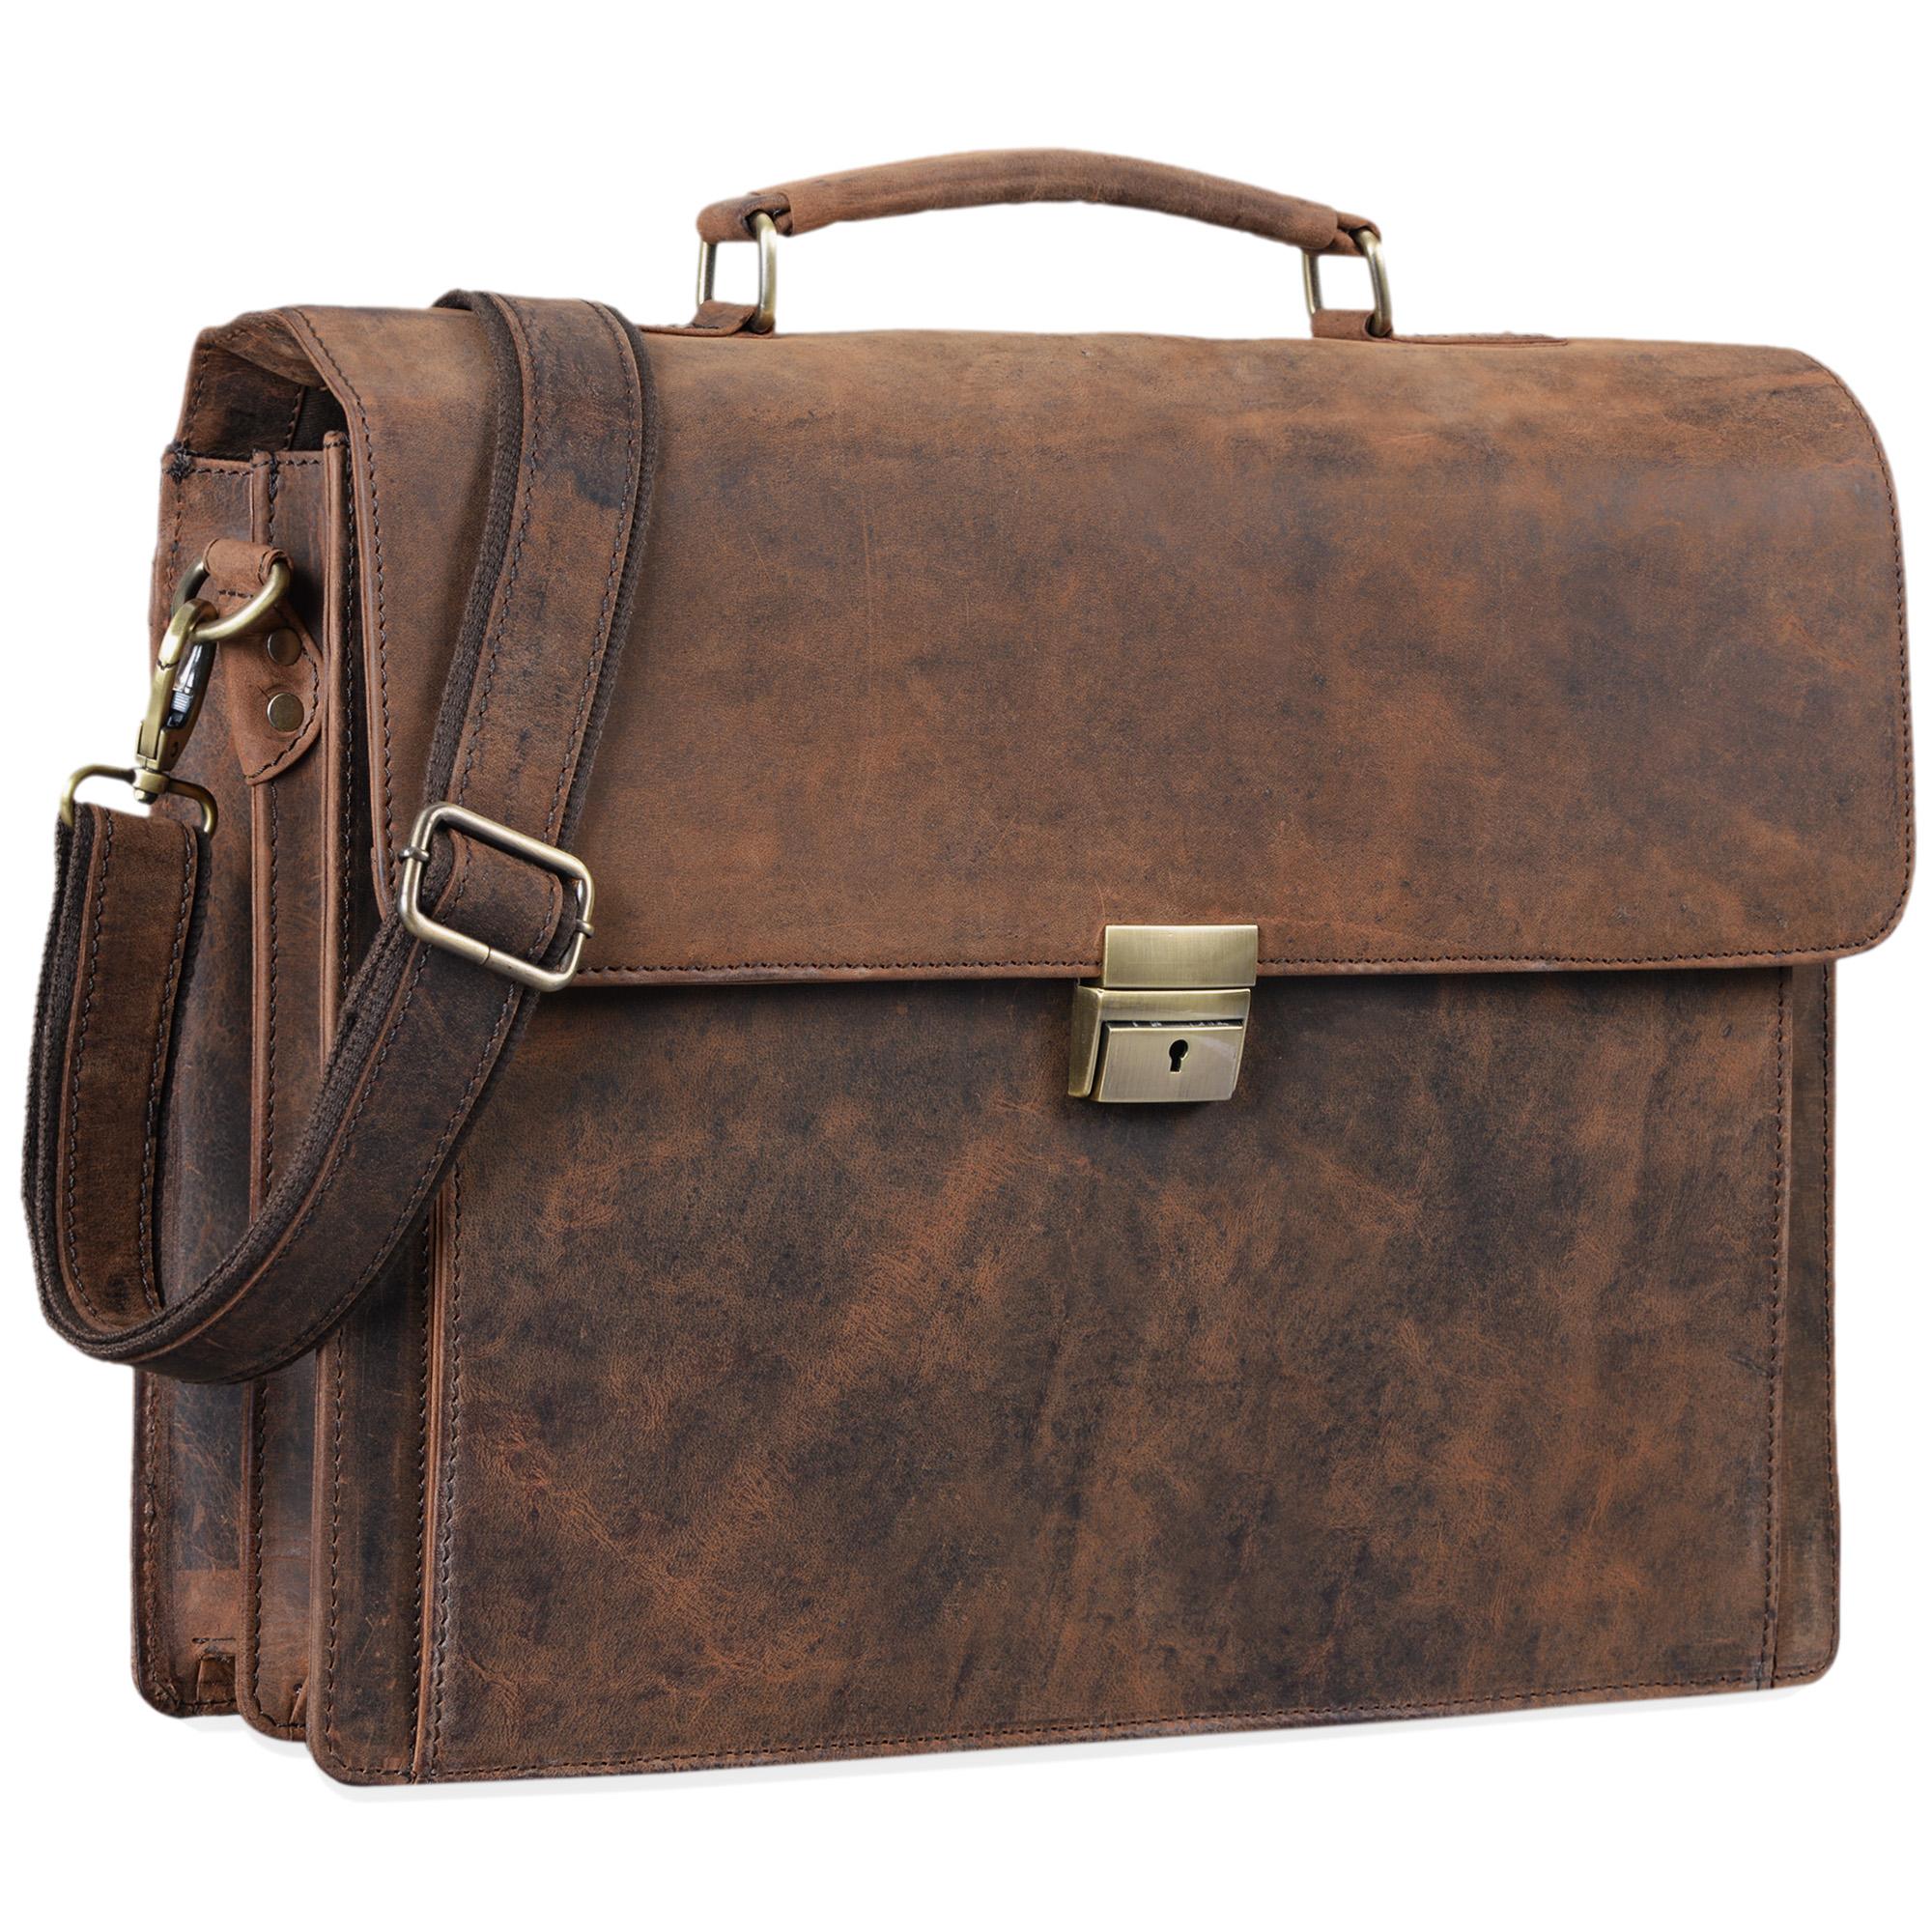 """STILORD """"Johann"""" Klassische Aktentasche Herren Damen Businesstasche für 15,6 Zoll Laptop passend für große DIN A4 Ordner mit Schloss Rinds Leder  - Bild 6"""